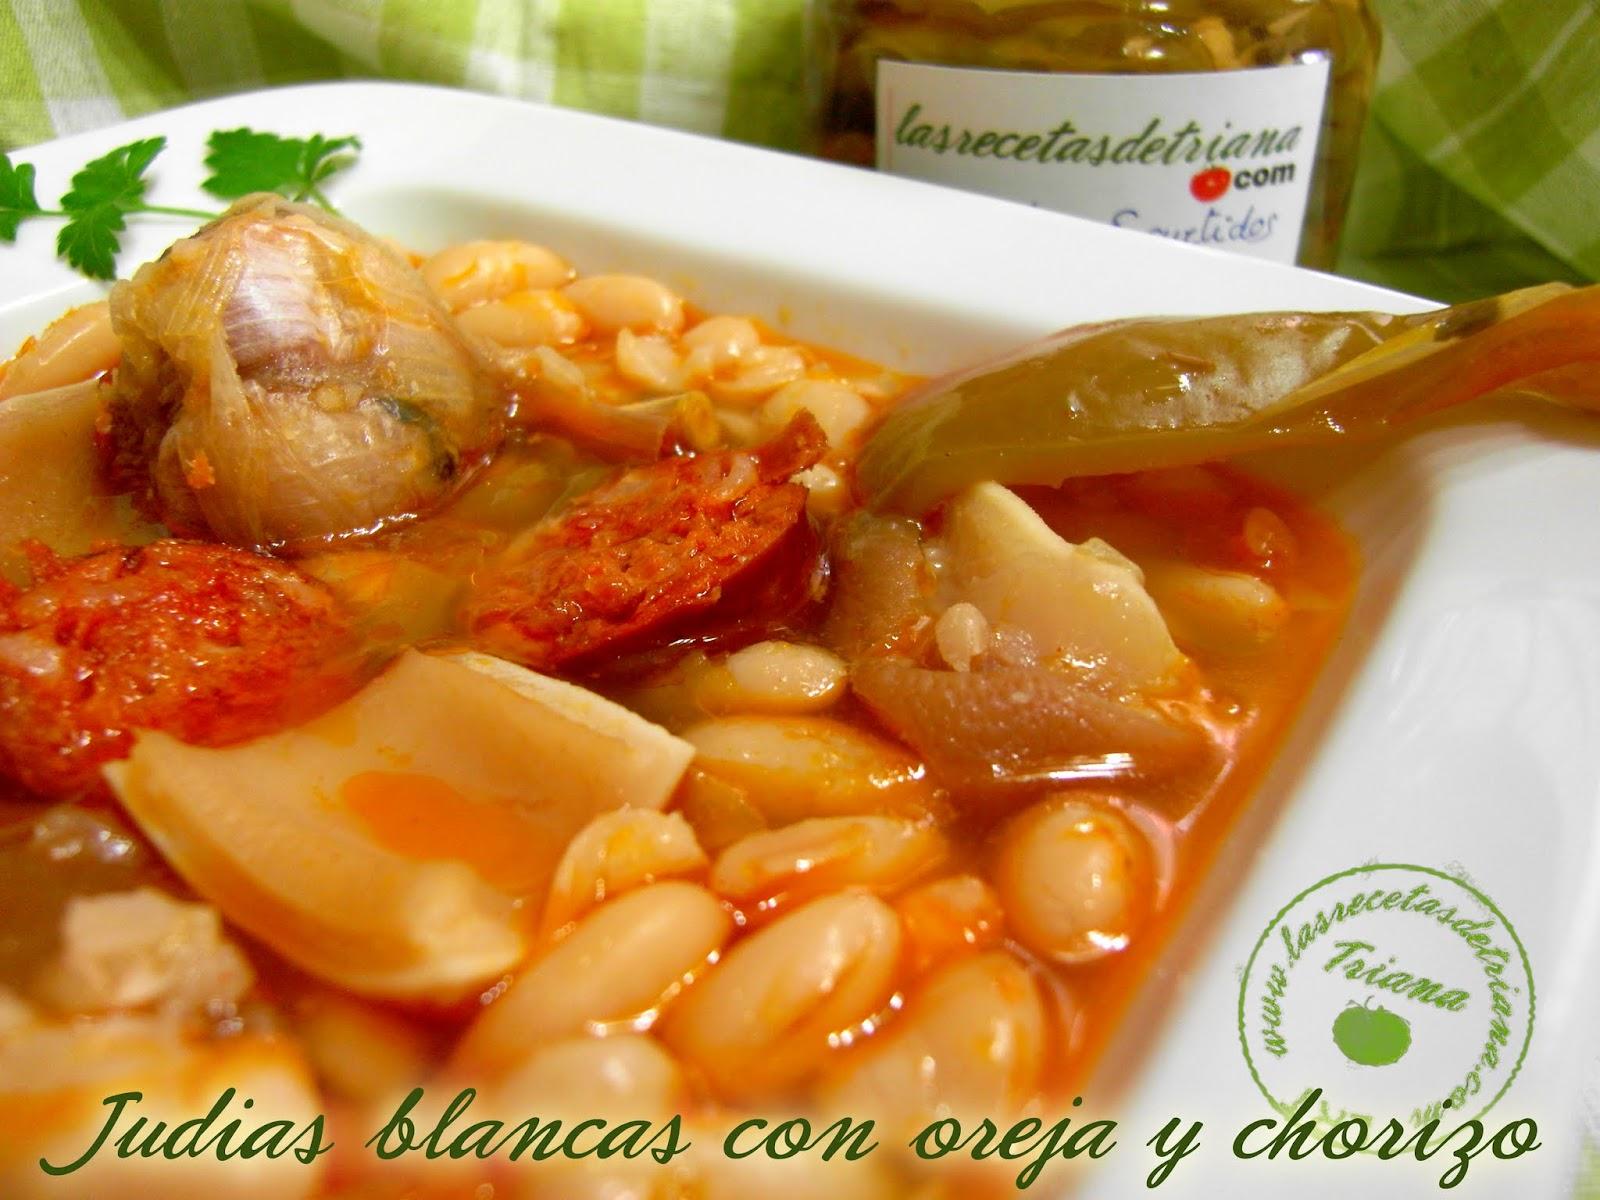 Las recetas de triana judias blancas con oreja y chorizo for Cocinar oreja de cerdo